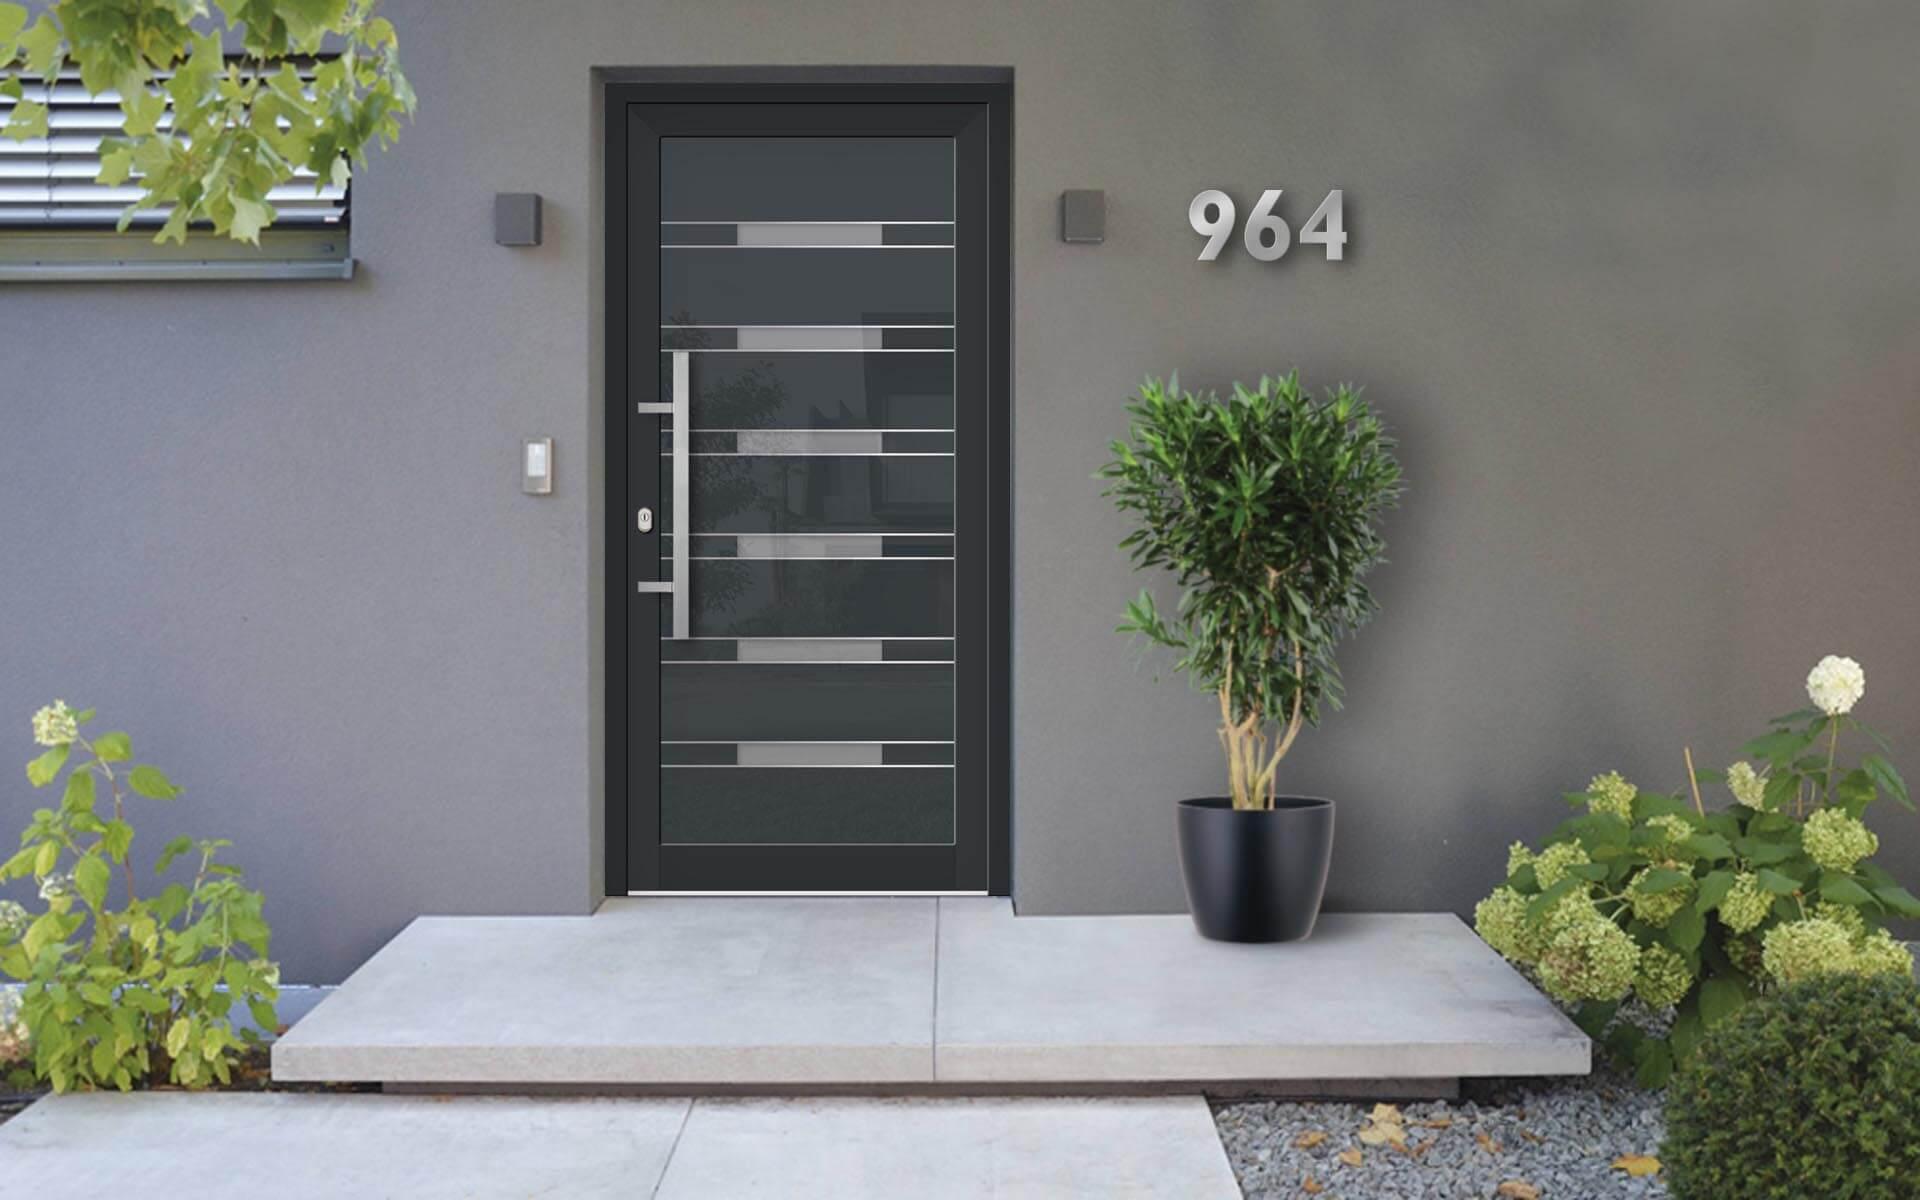 Hliníkové vchodové dvere s odolnou výplňou s dilatačným jadrom v čierno-sivej farbe na rodinnom dome